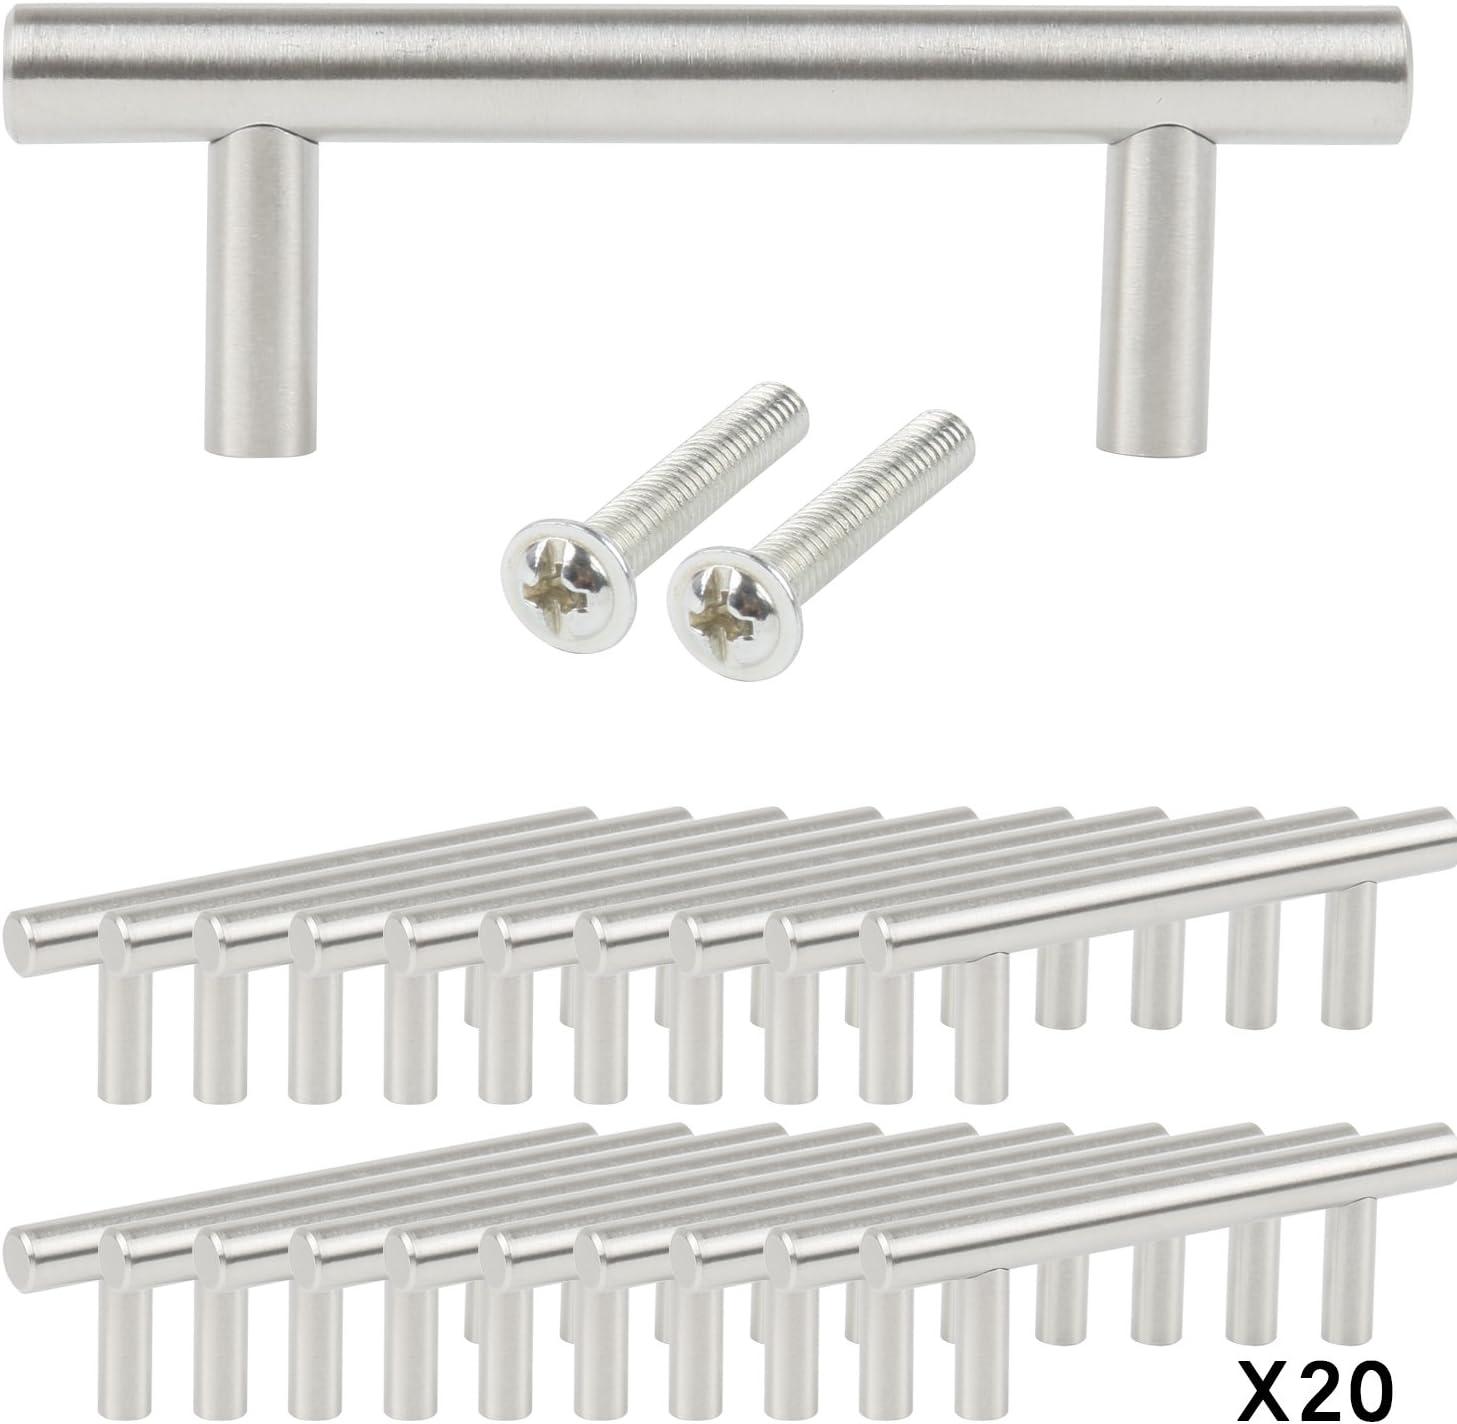 TRIXES Paquete de 20 Manijas en Forma de T en Acero Inoxidable para Cajones Puertas de Gabinete 100 mm de ancho; Centros 64mm: Amazon.es: Bricolaje y herramientas